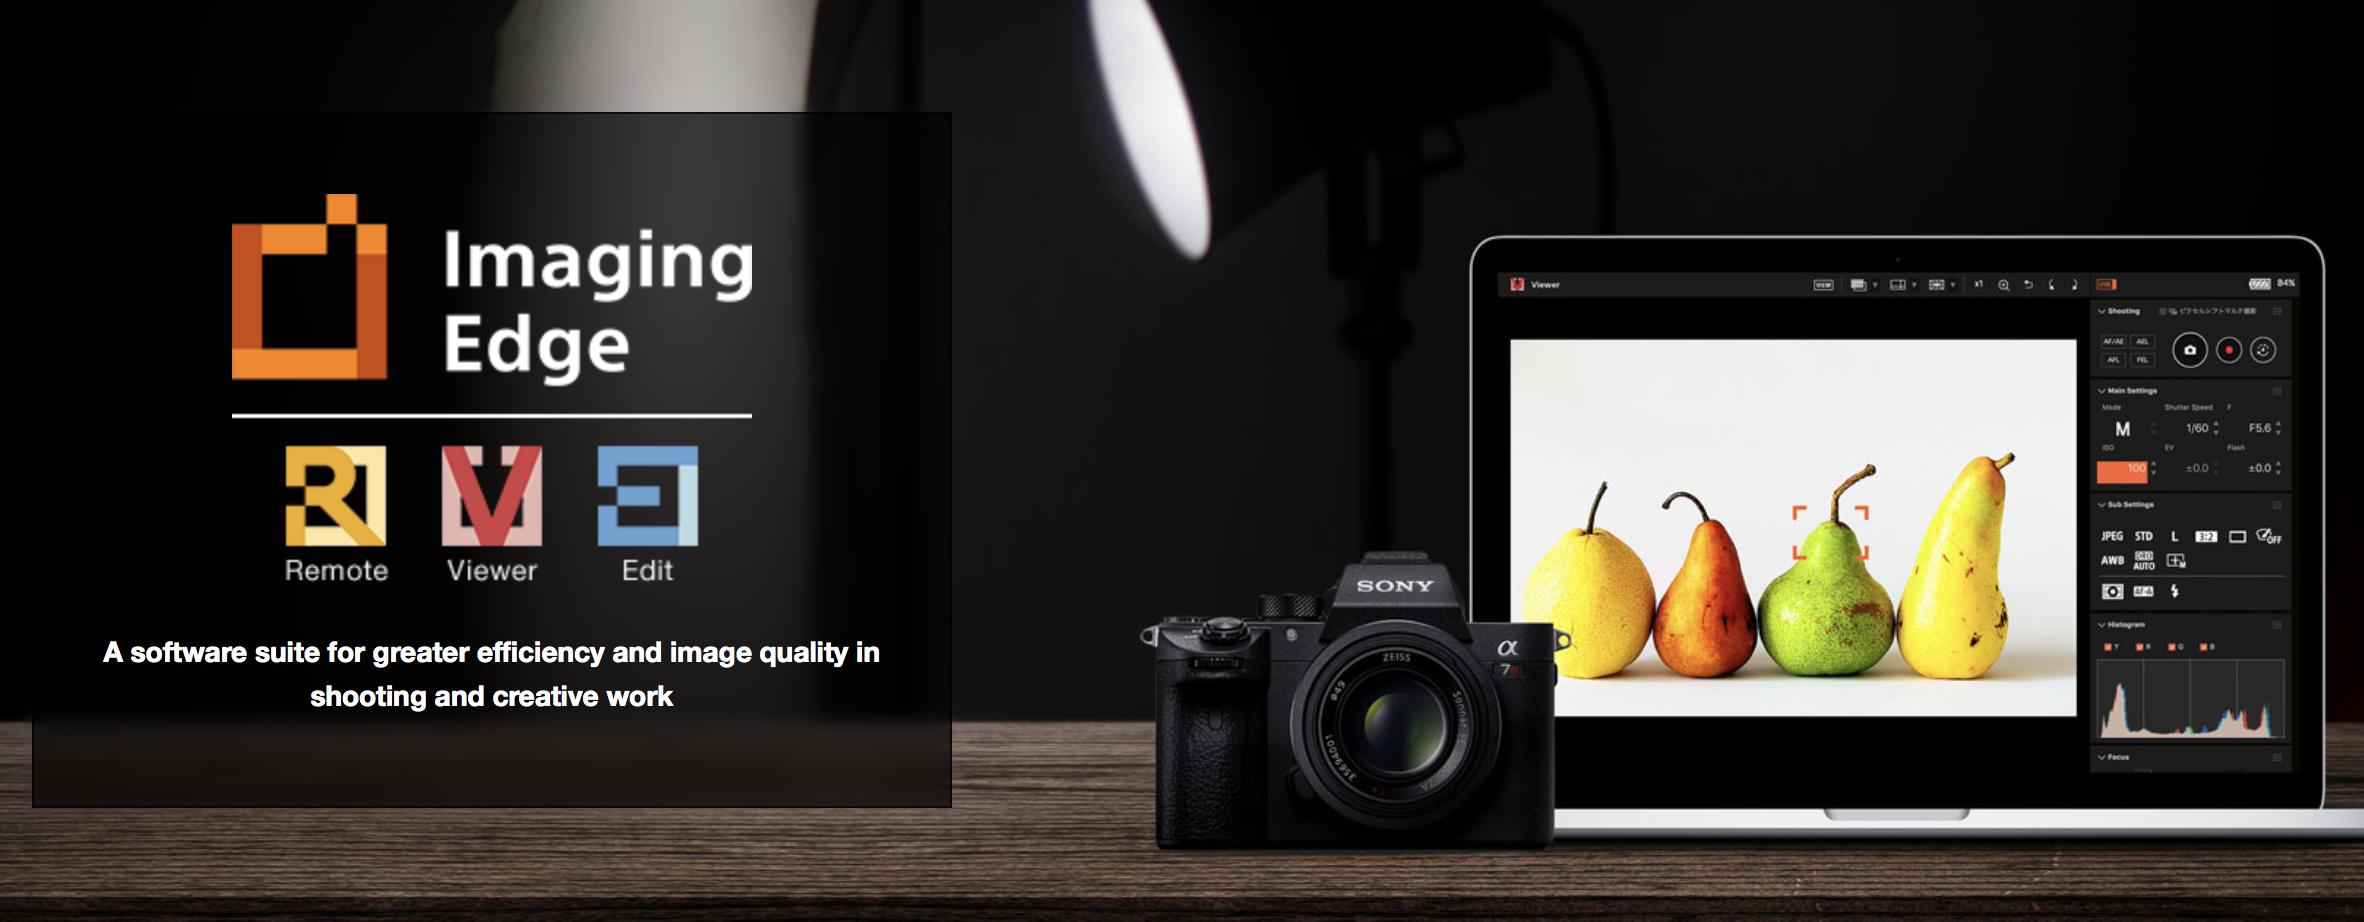 Sony Imaging Edge on kolmeosaline tasuta tarkvara pildistamiseks, fotode haldamiseks ja töötlemiseks